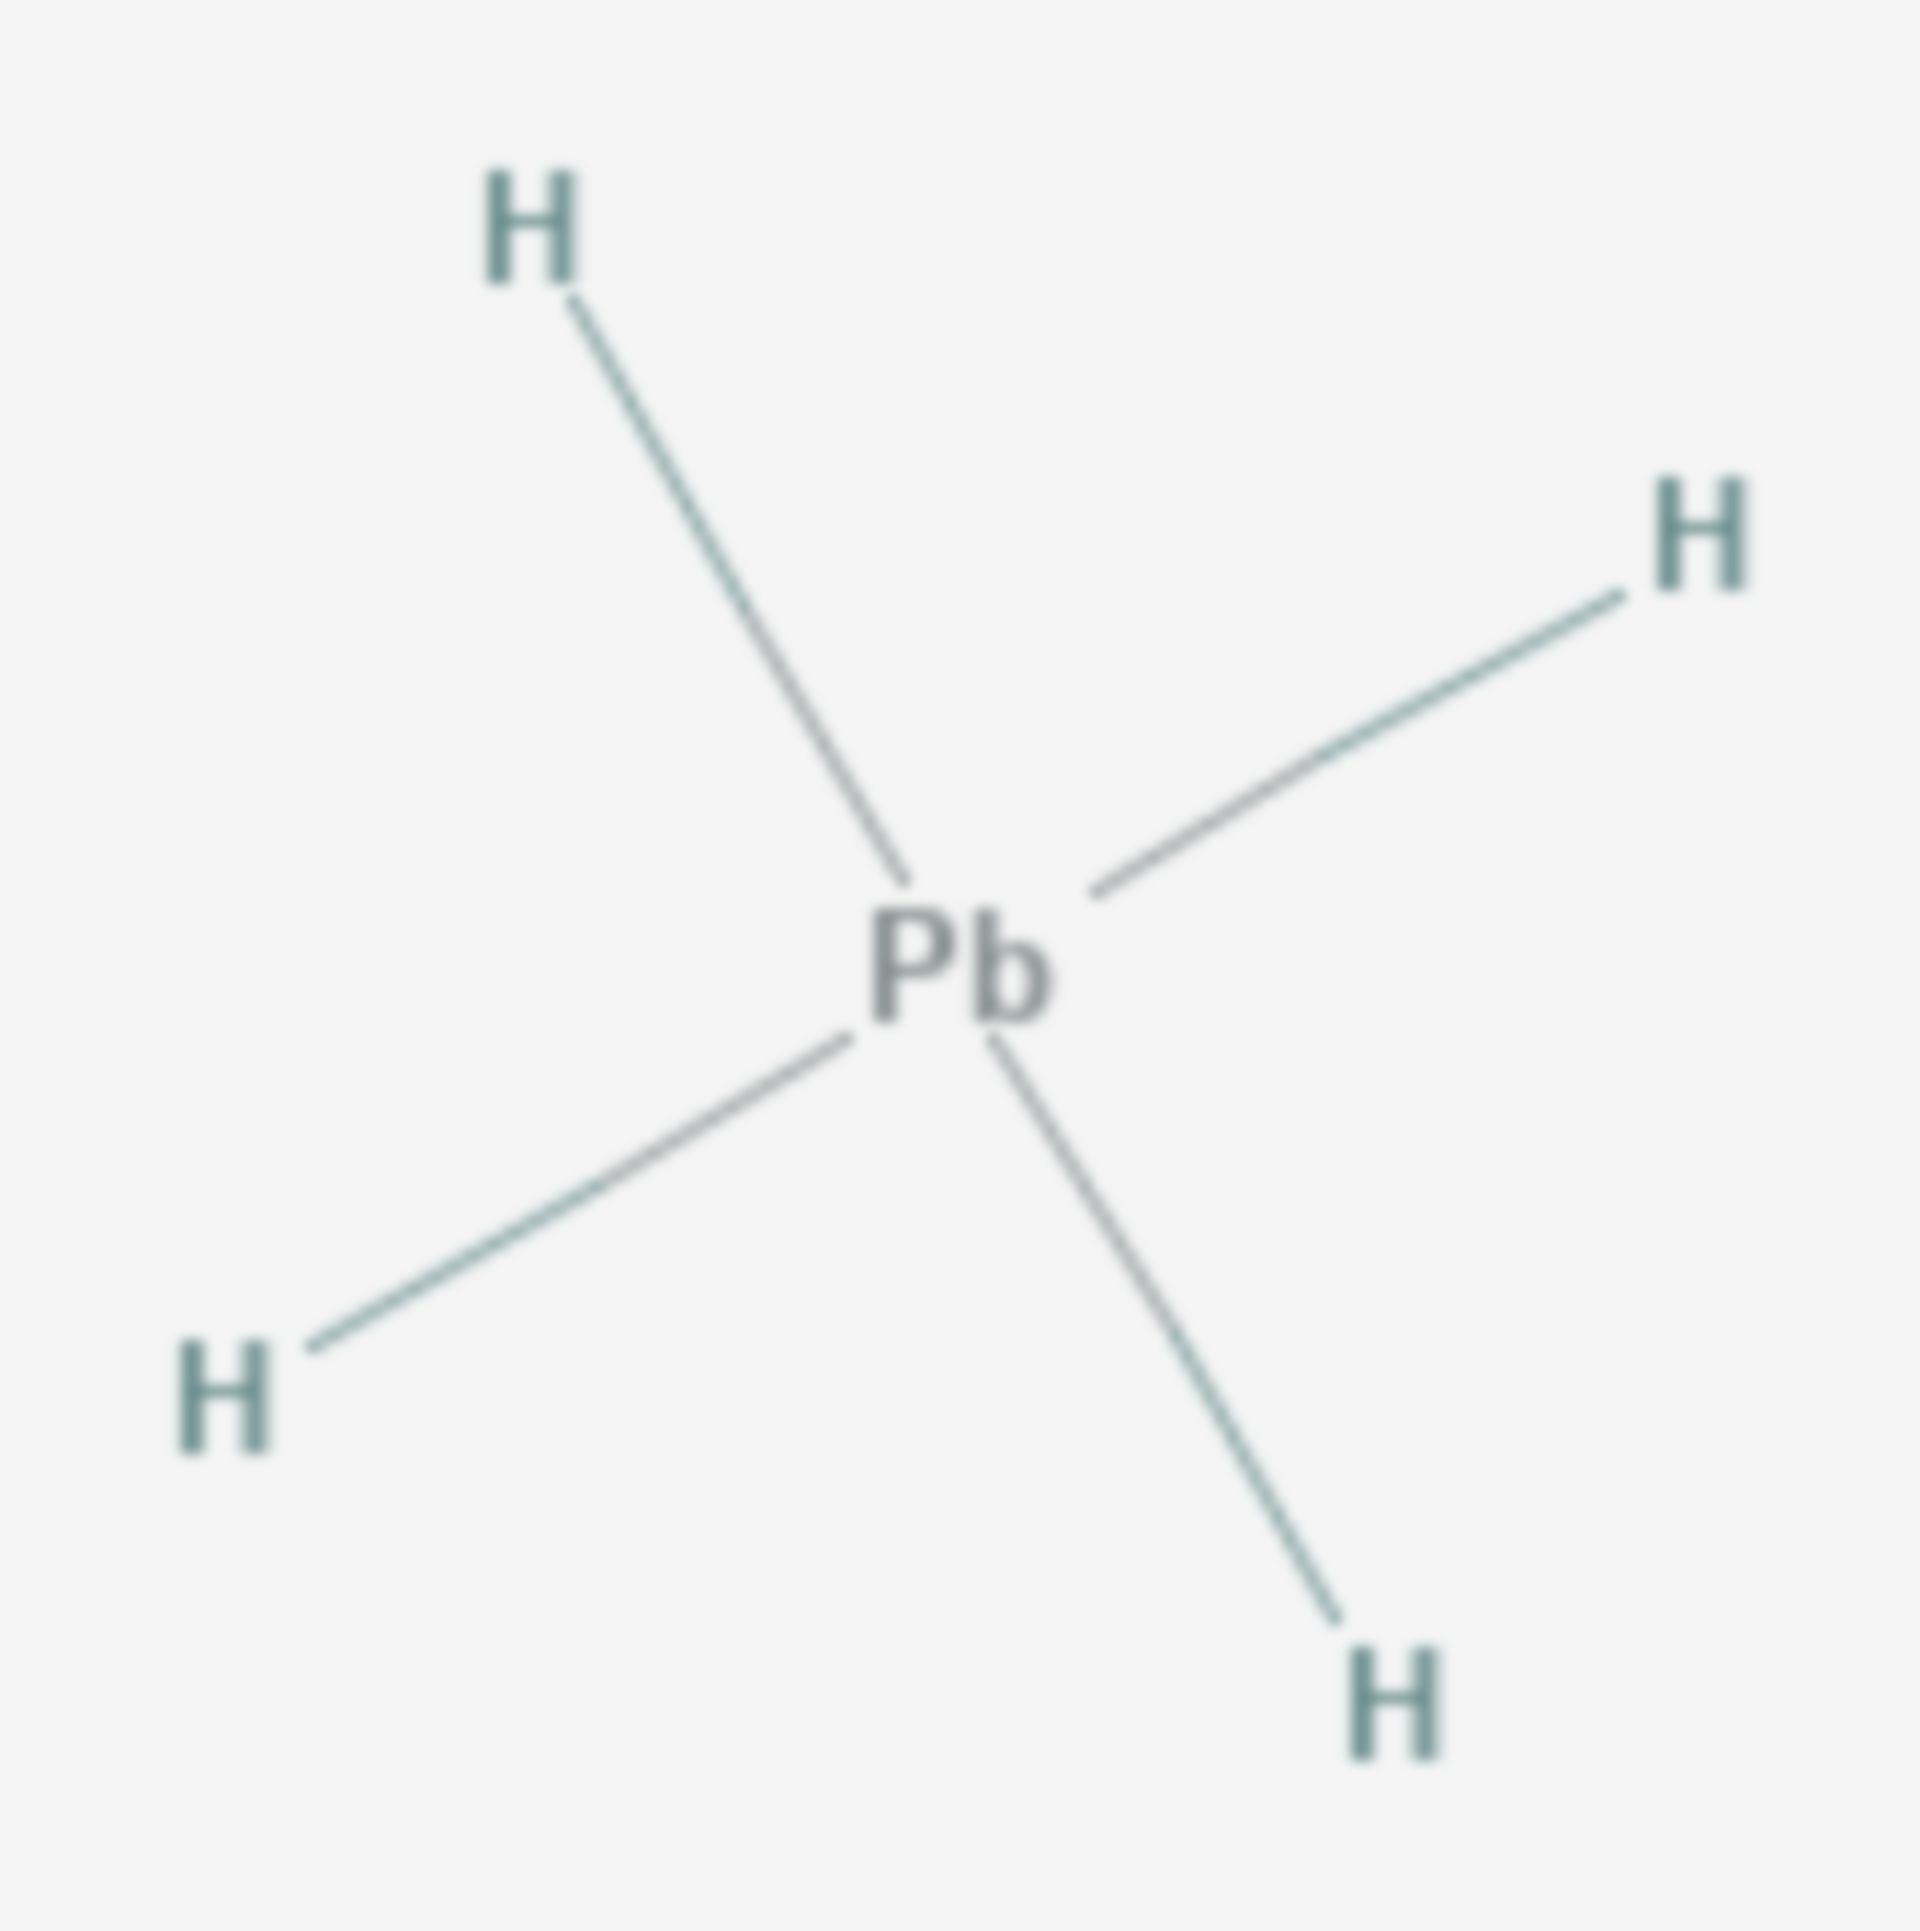 Plumban (Strukturformel)